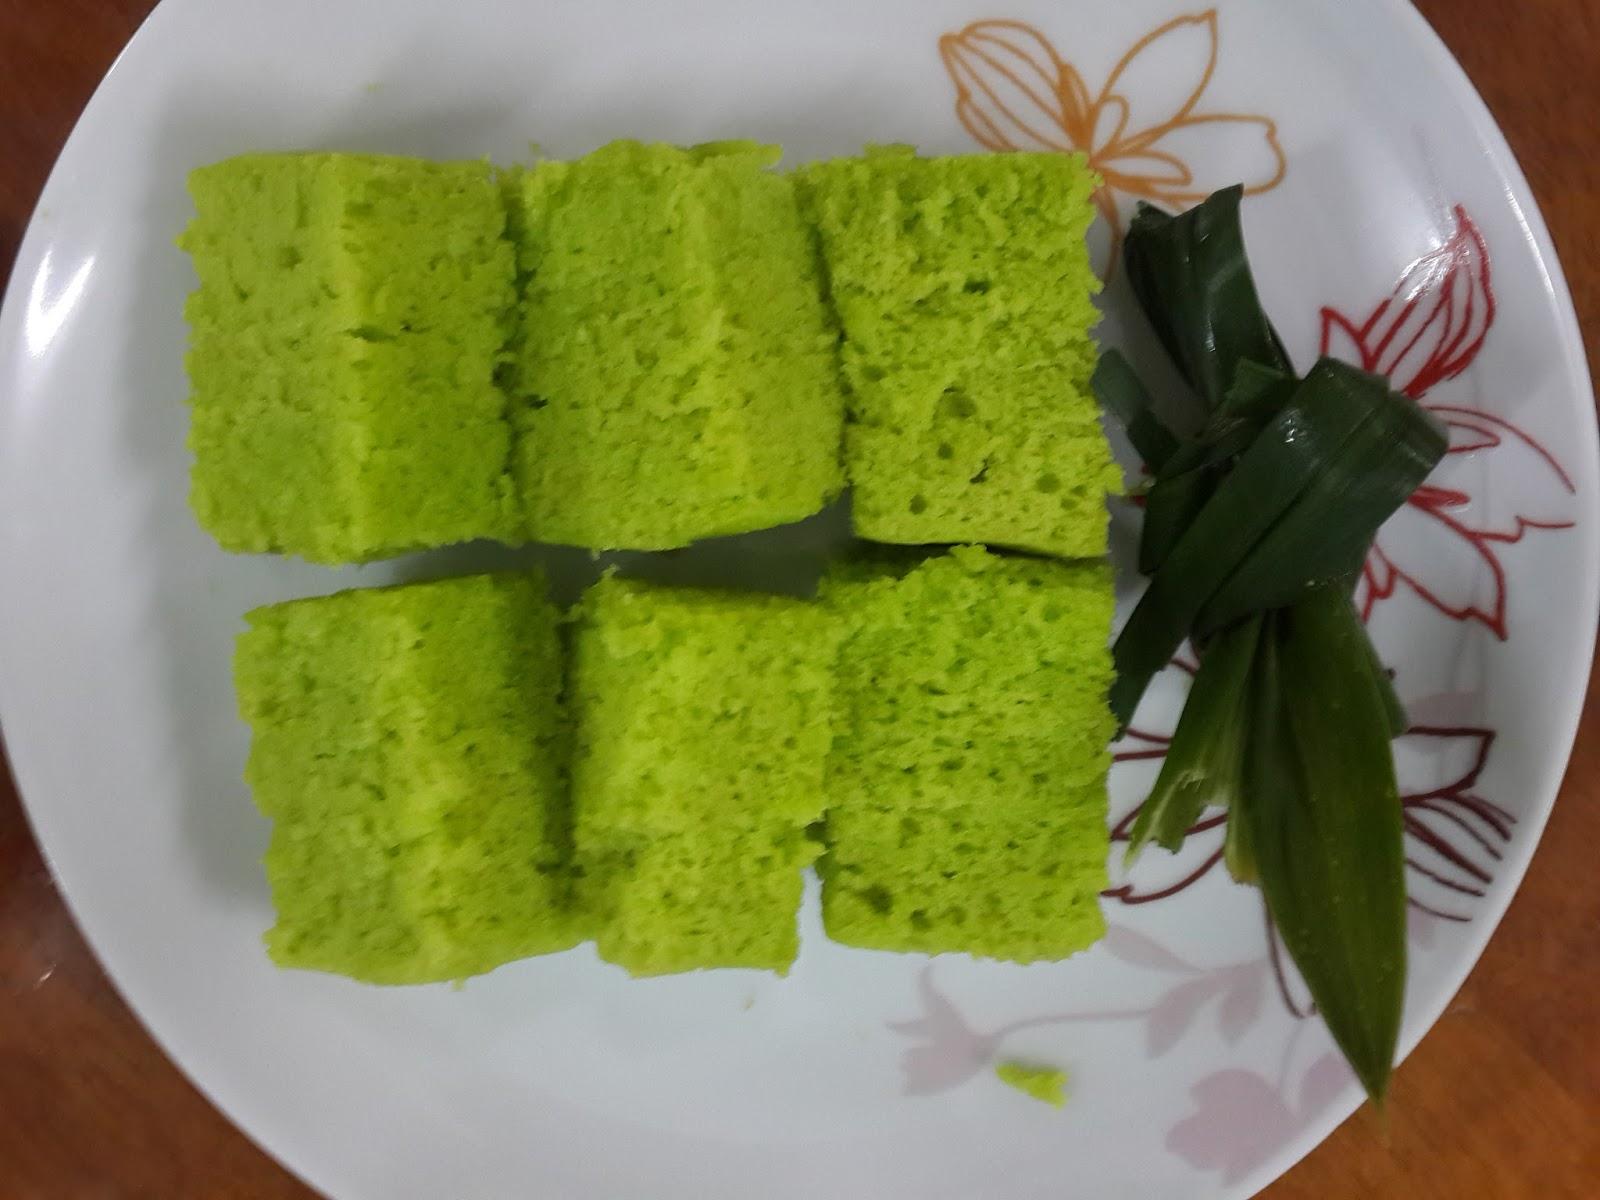 membuat resepi kek span pandan kukus sukatan cawan foody bloggers Resepi Kek Lapis Kukus Sukatan Cawan Enak dan Mudah